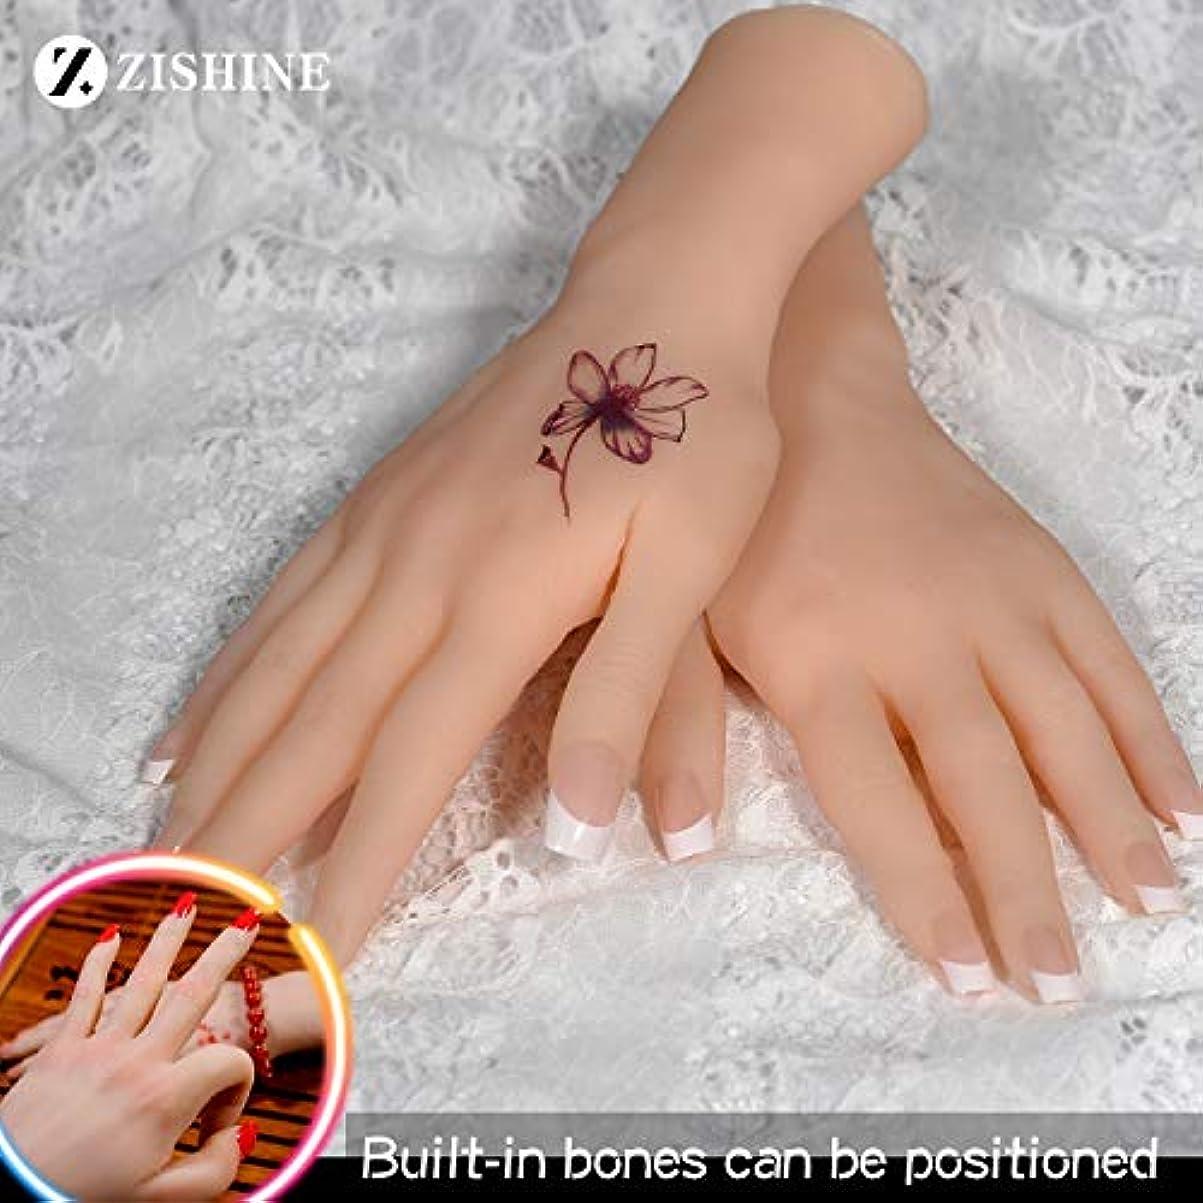 うがい薬関連するポジティブシリコーンのLifeSize女性偽の手のモデルは、内蔵の骨マネキン医療絵画指導,Softbones